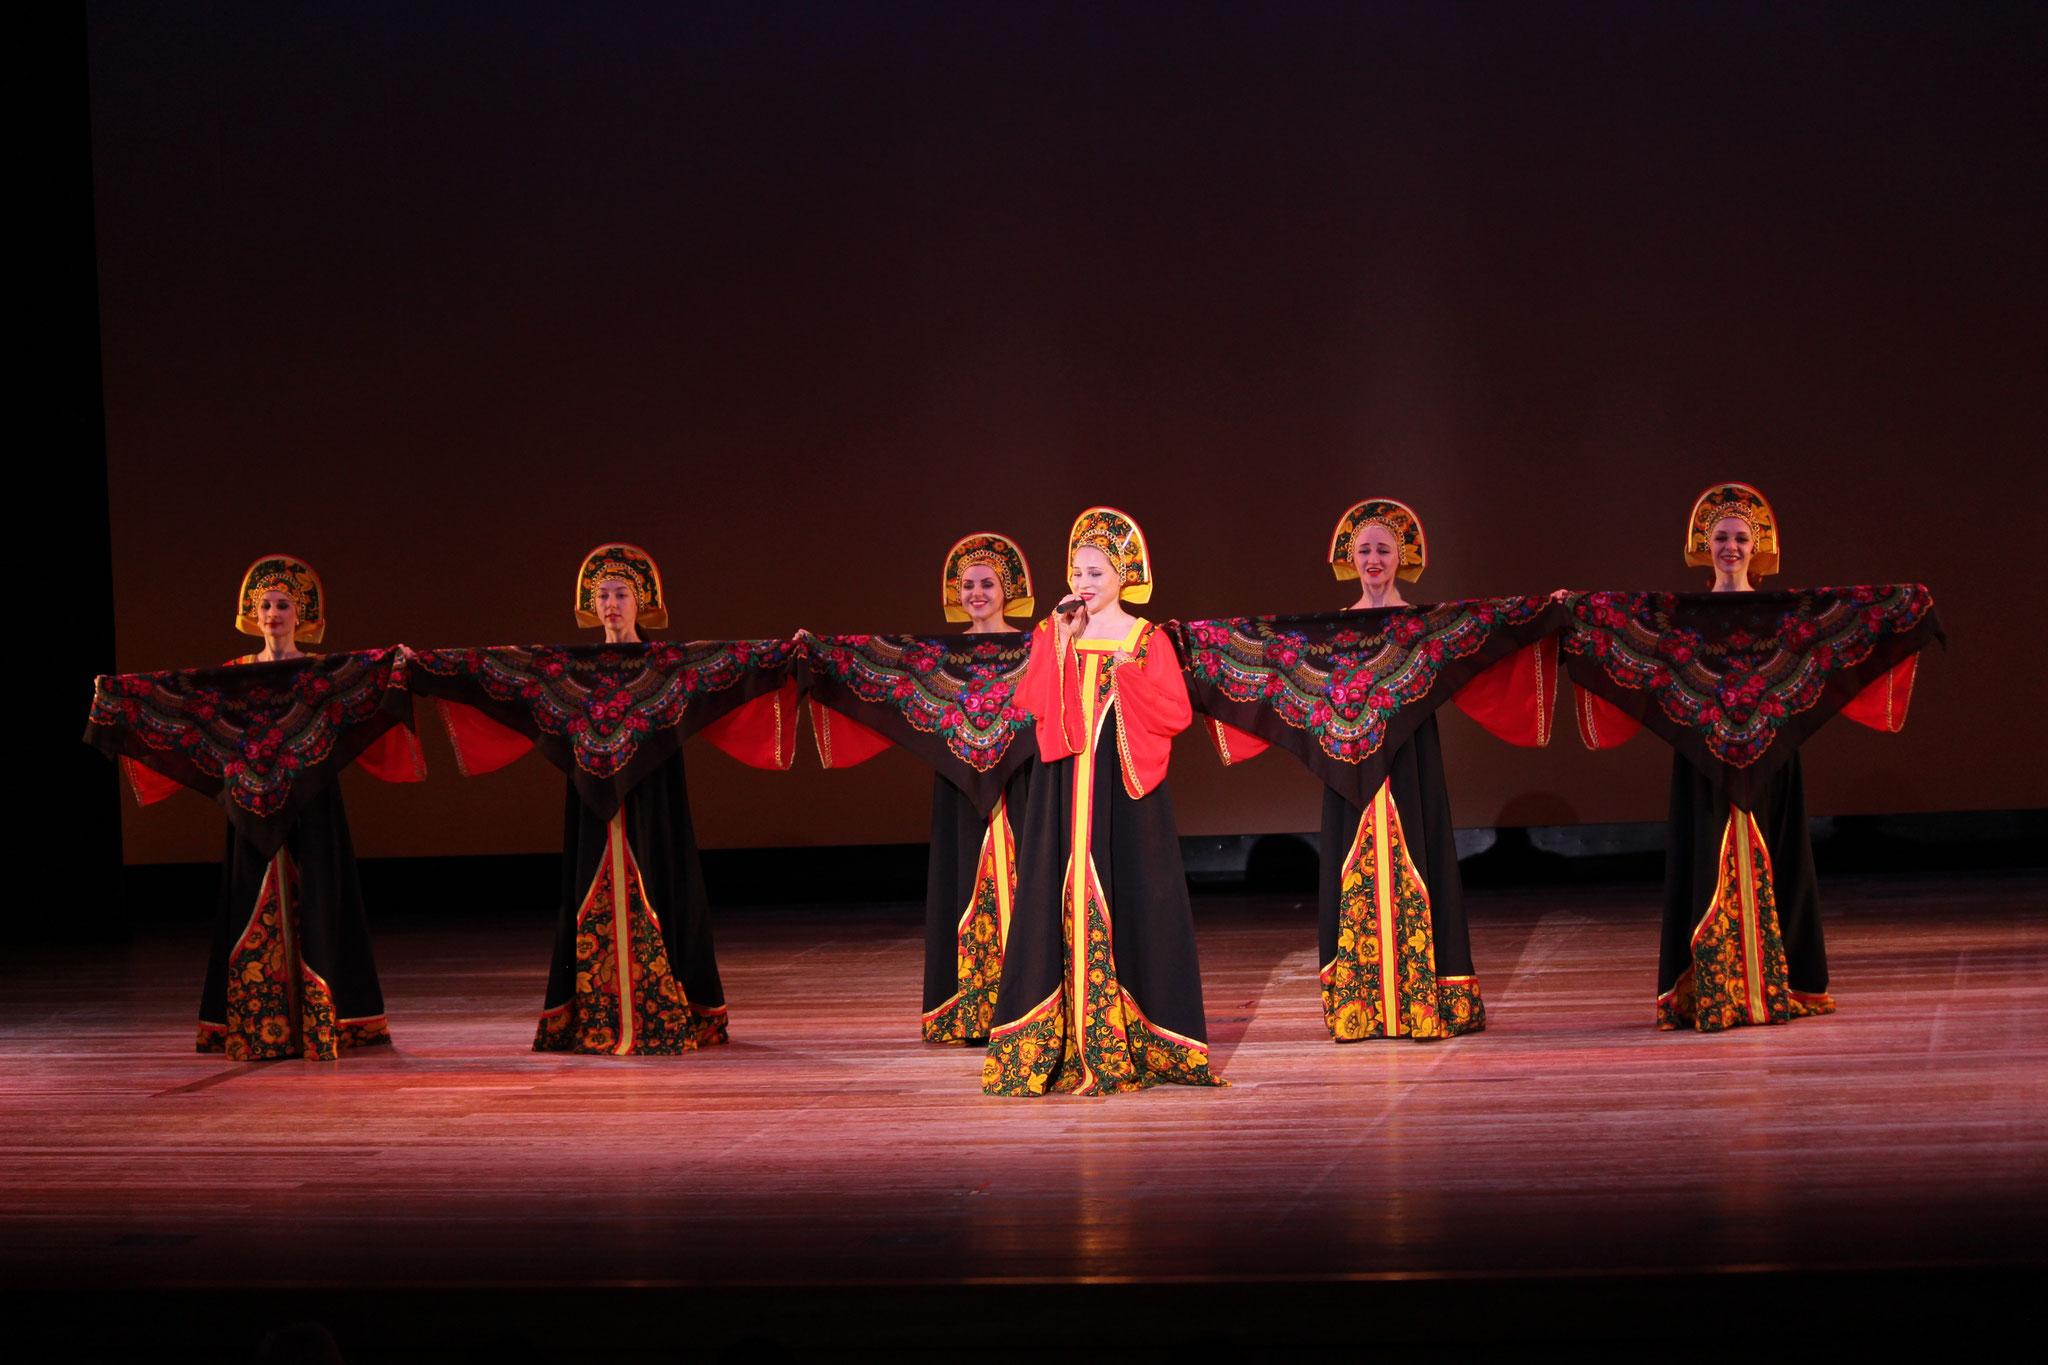 ロシアの民族舞踊 アンサンブル「カチューシャ」京都を中心に活躍中♬